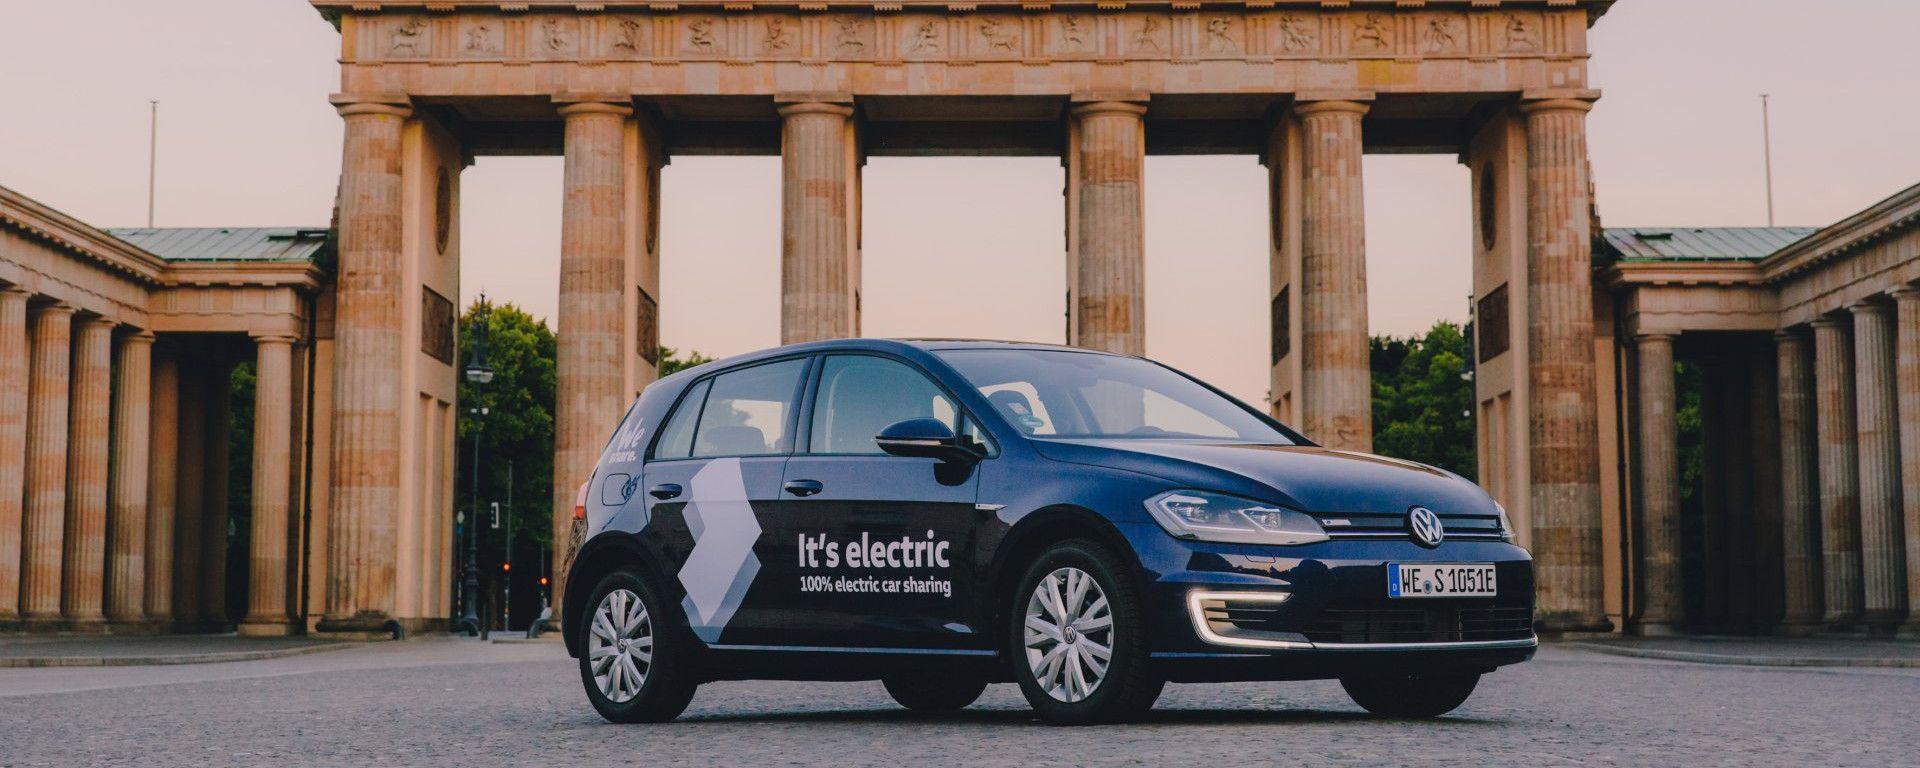 Una Golf elettrica di WeShare a Berlino